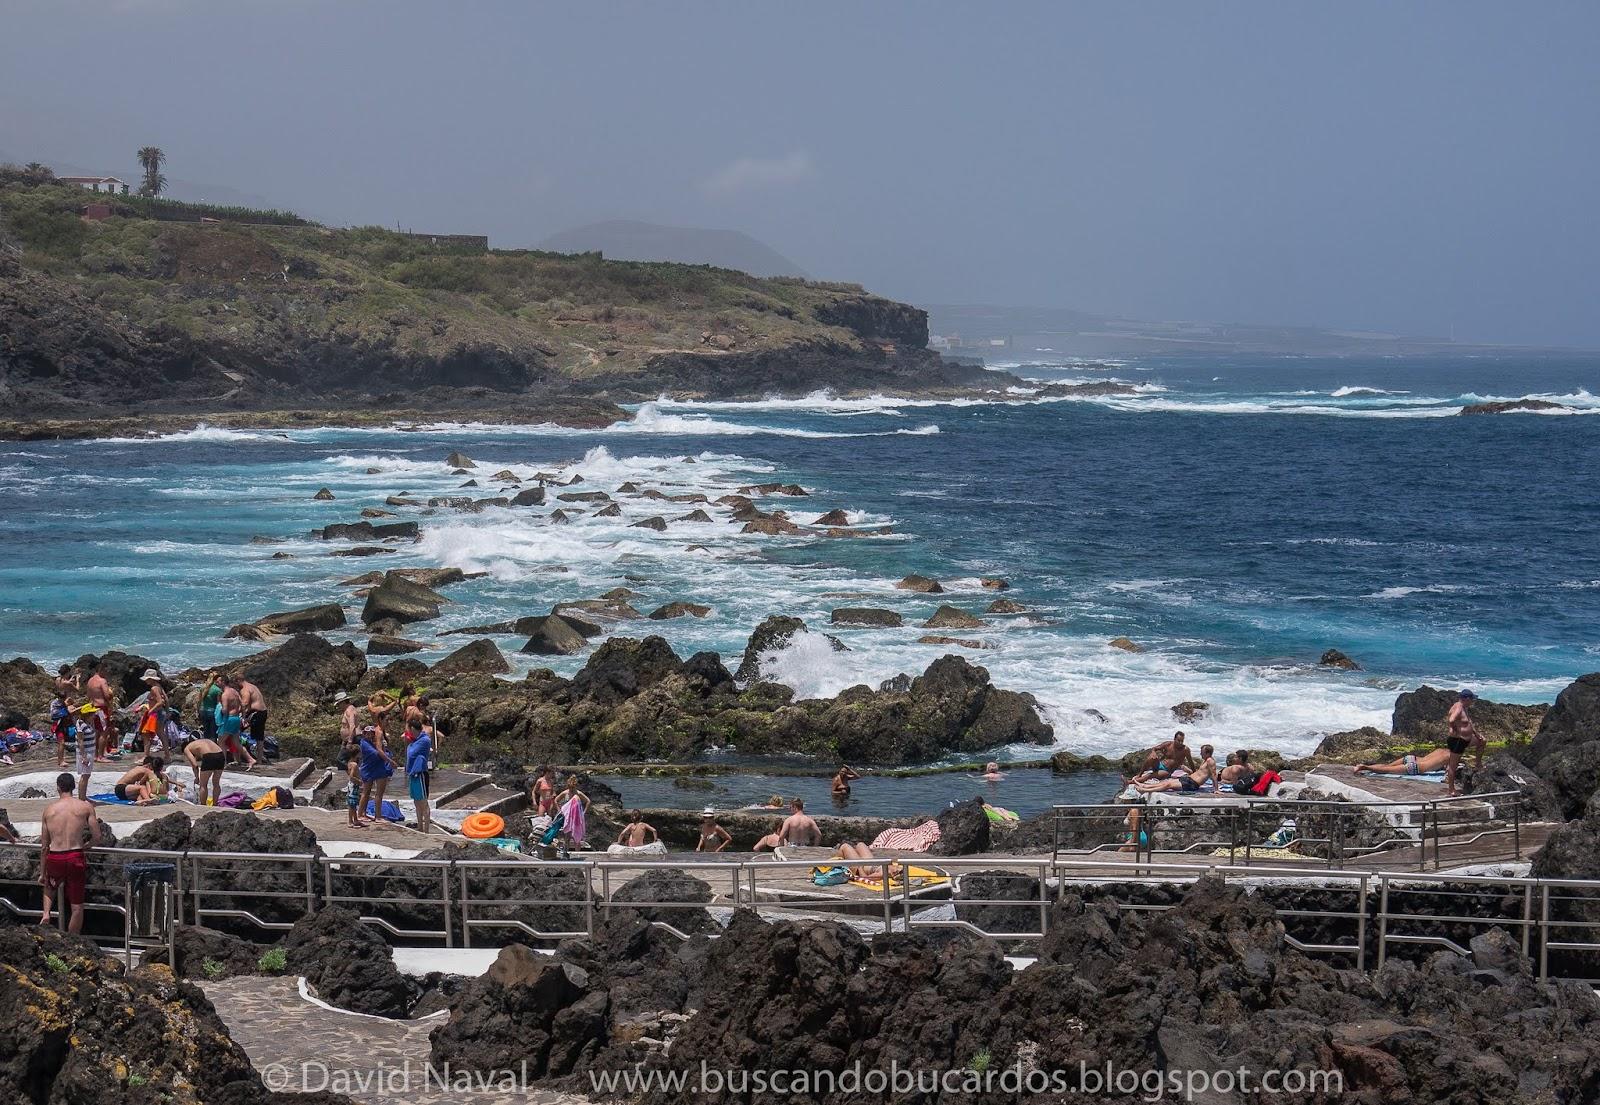 Tenerife garachico san juan del reparo rutas por el for Piscinas naturales juan adalid